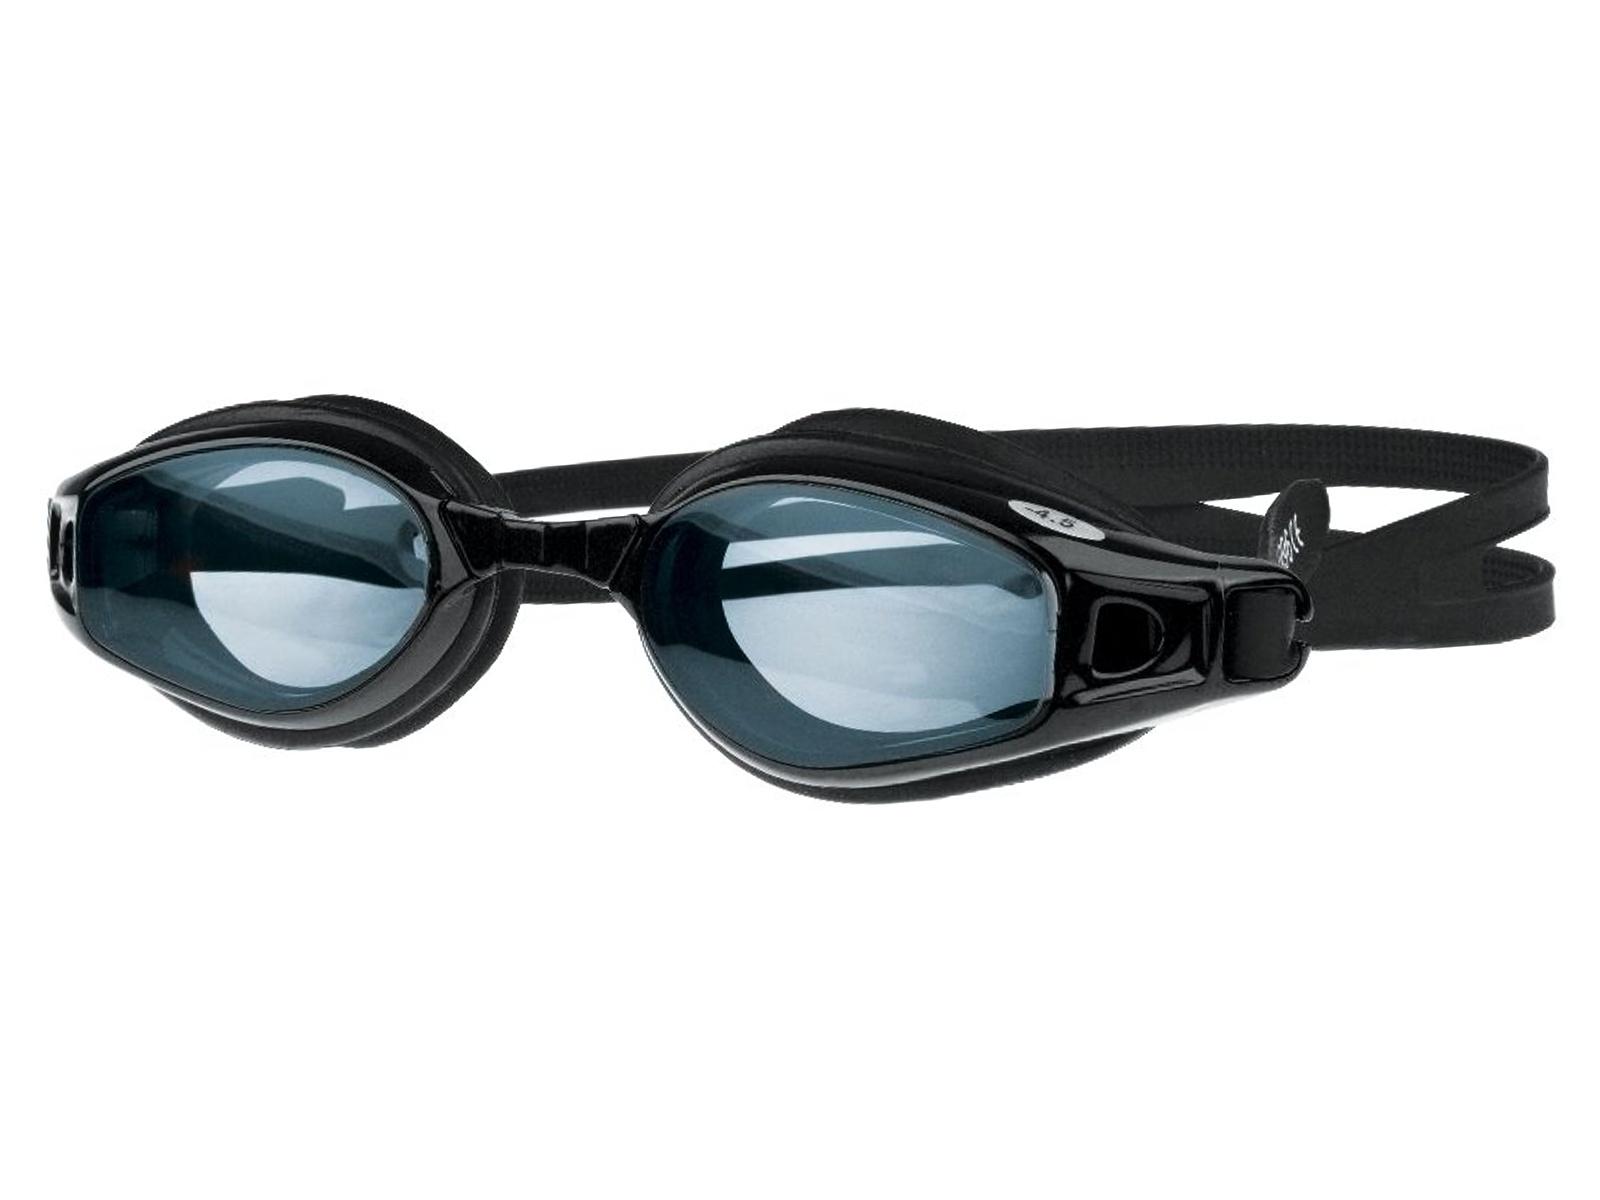 Plavecké brýle SPOKEY Optica - 7